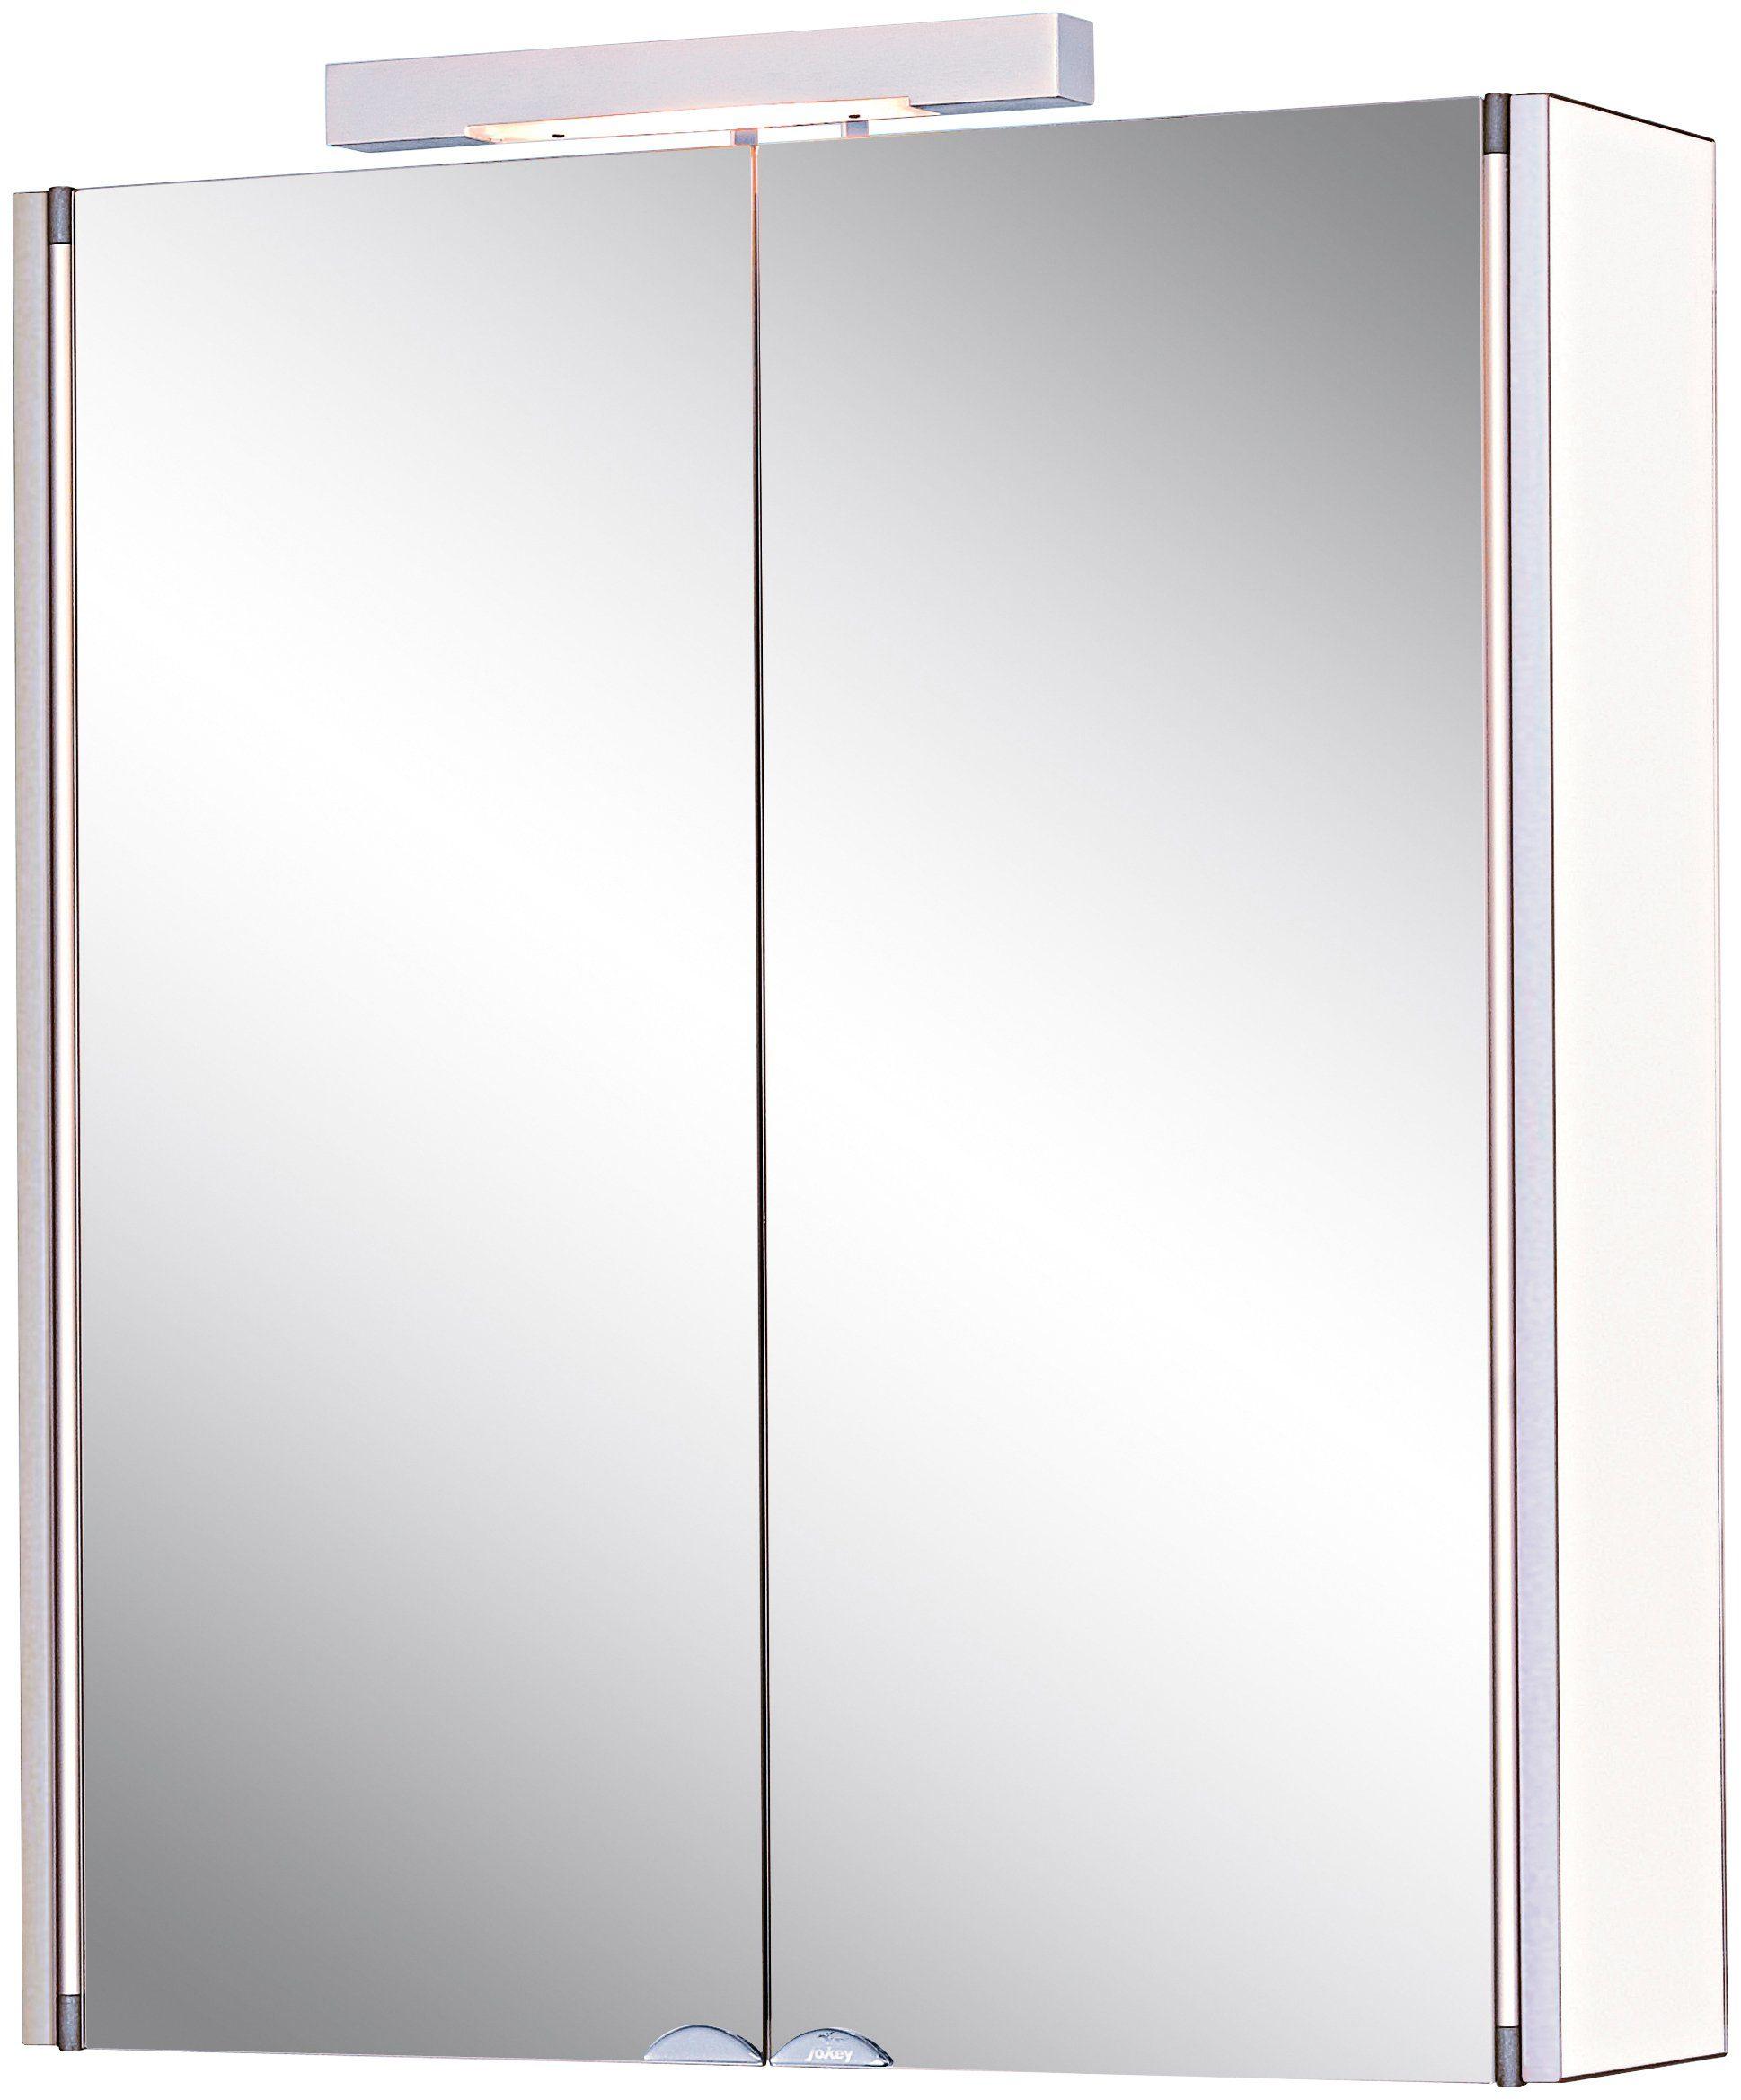 Jokey Spiegelschrank »Mandiol II« Breite 63 cm, mit Beleuchtung